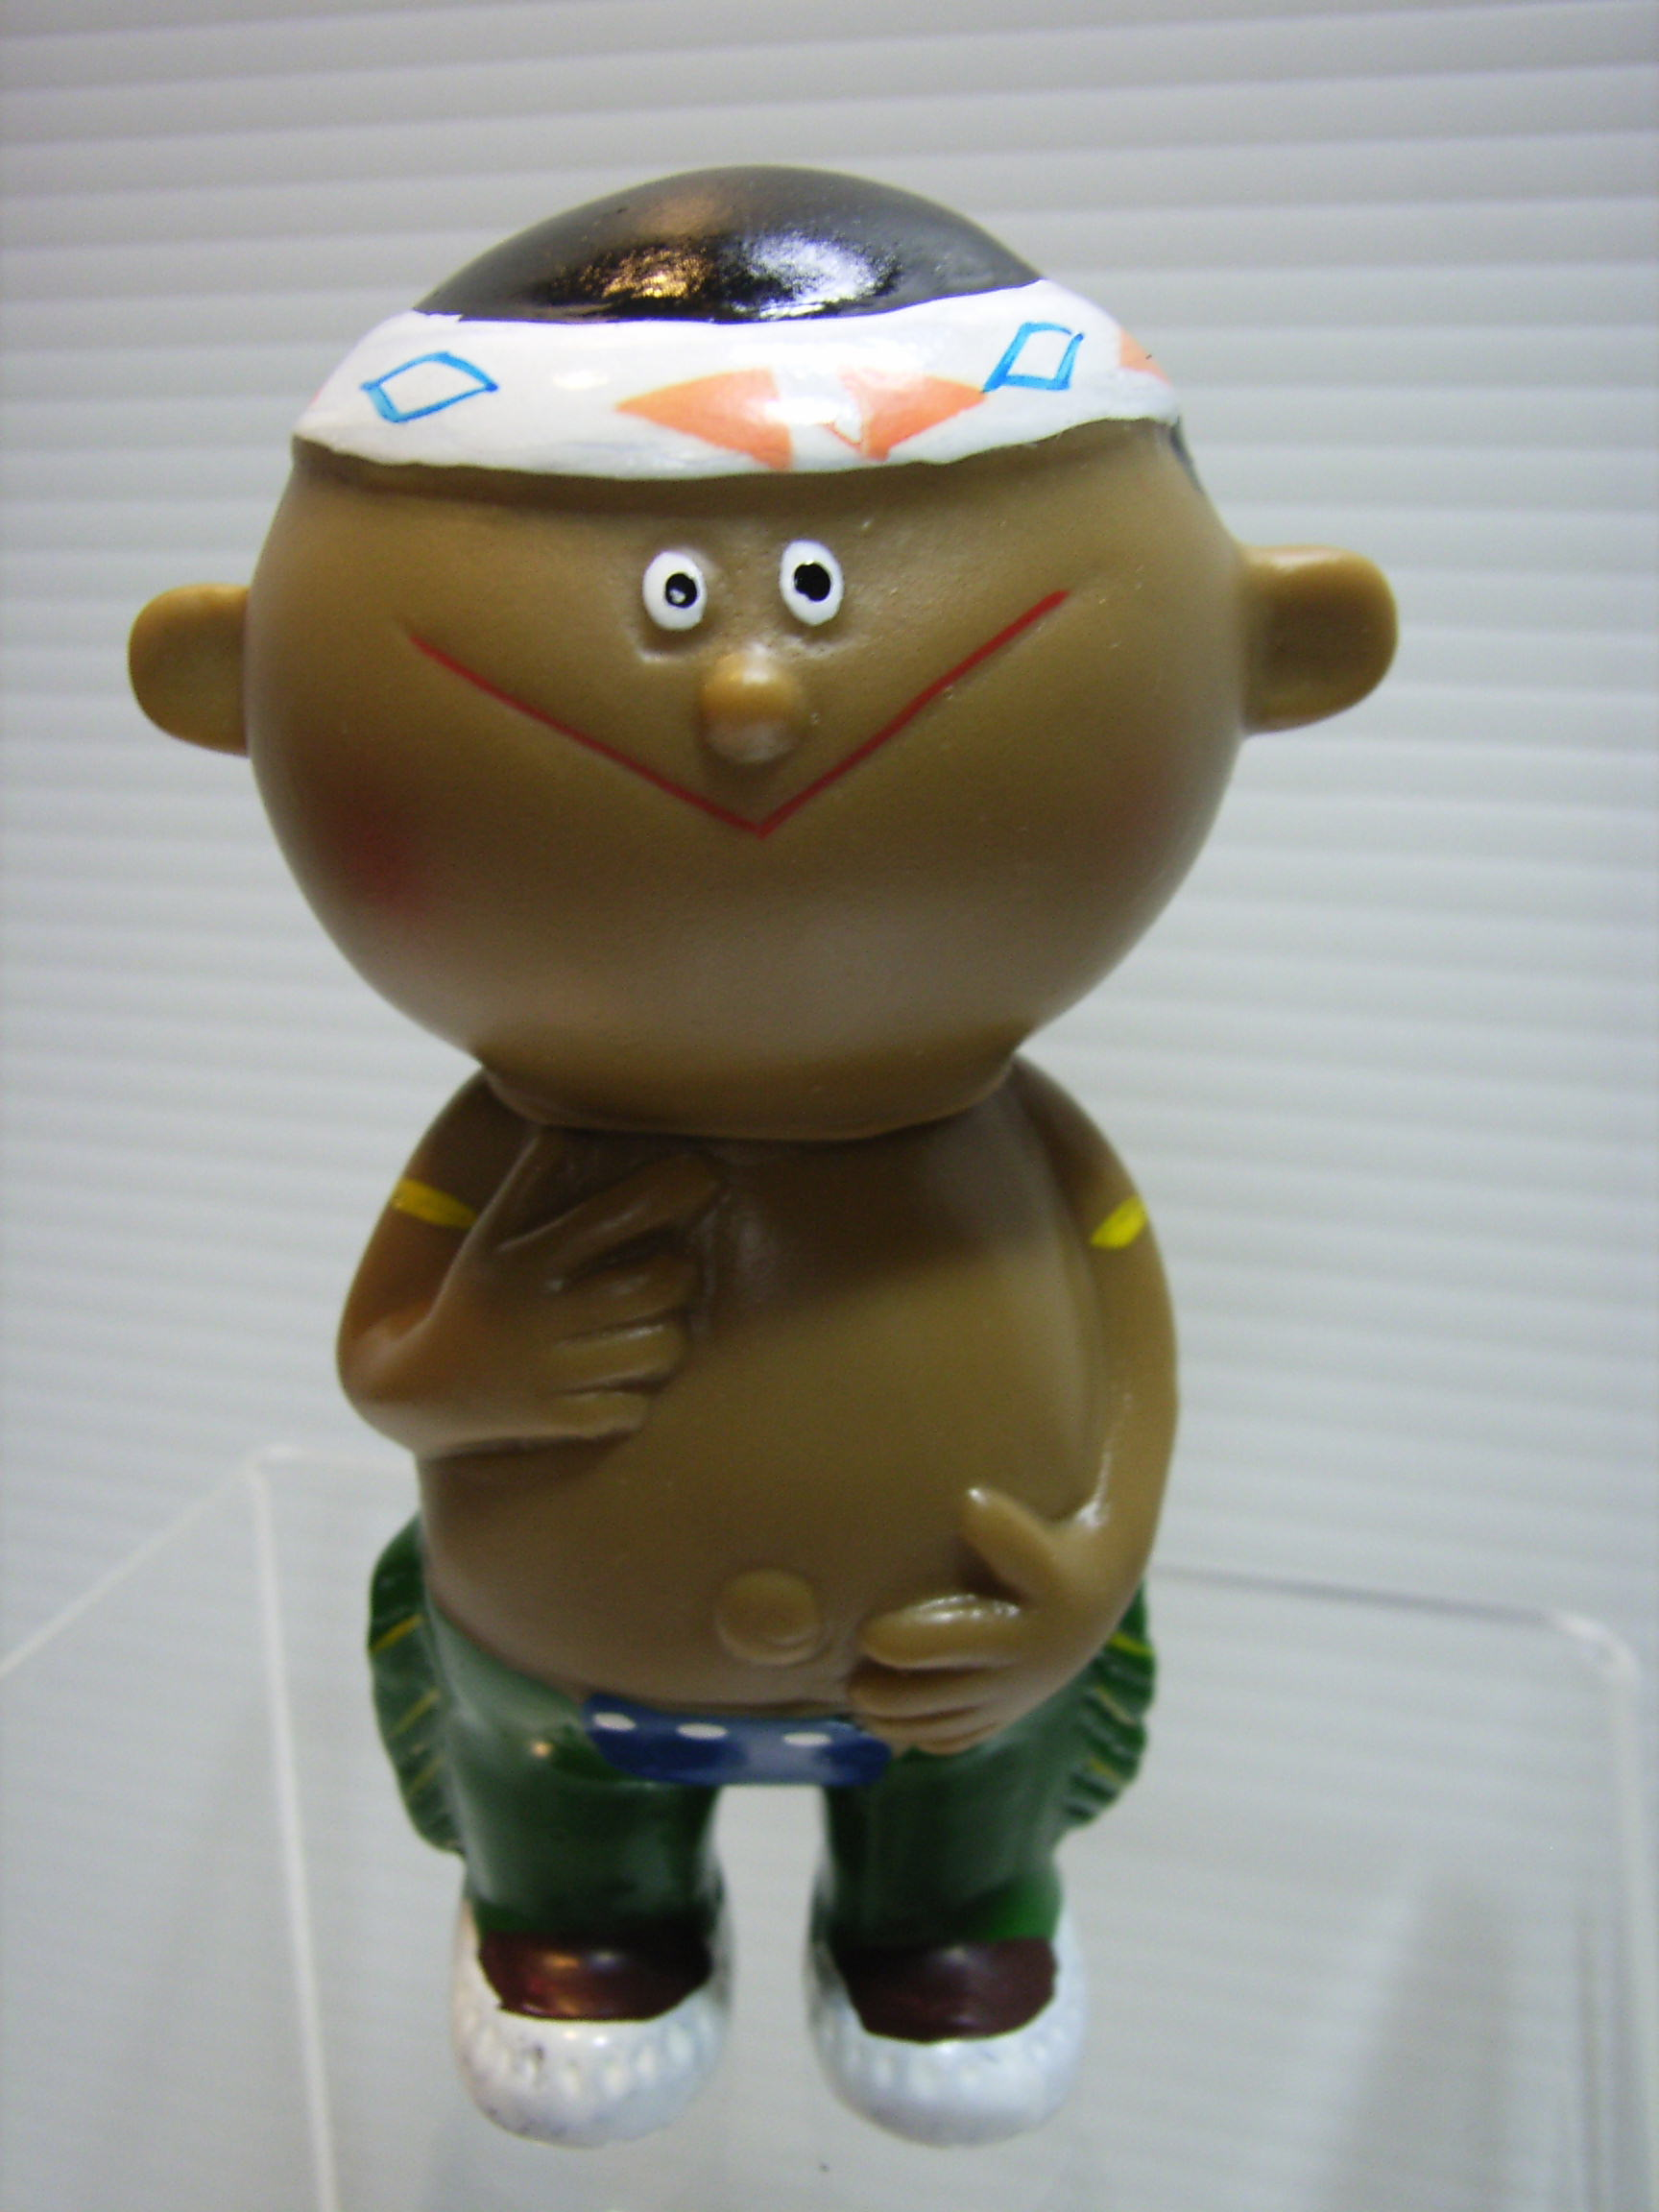 シスコ シスコーン坊や ソフビ人形 9.5cm 企業 詳細不明 現状 【TO2842】